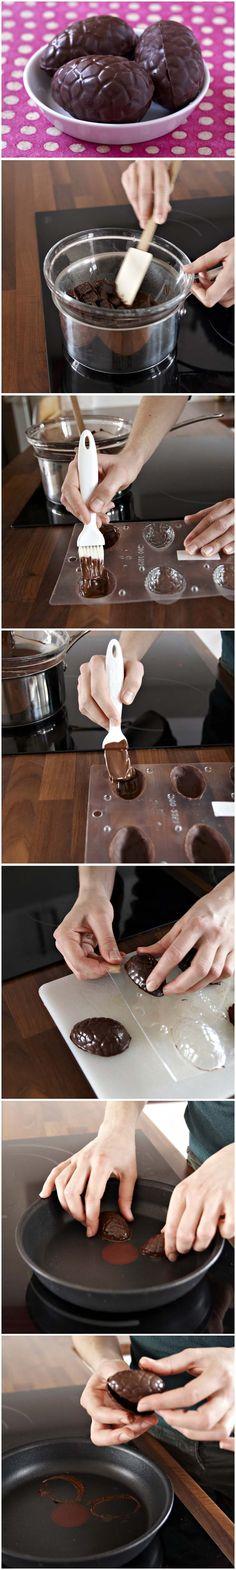 Oeufs de Pâques en chocolat fait maison – DIY tutoriel pas à pas